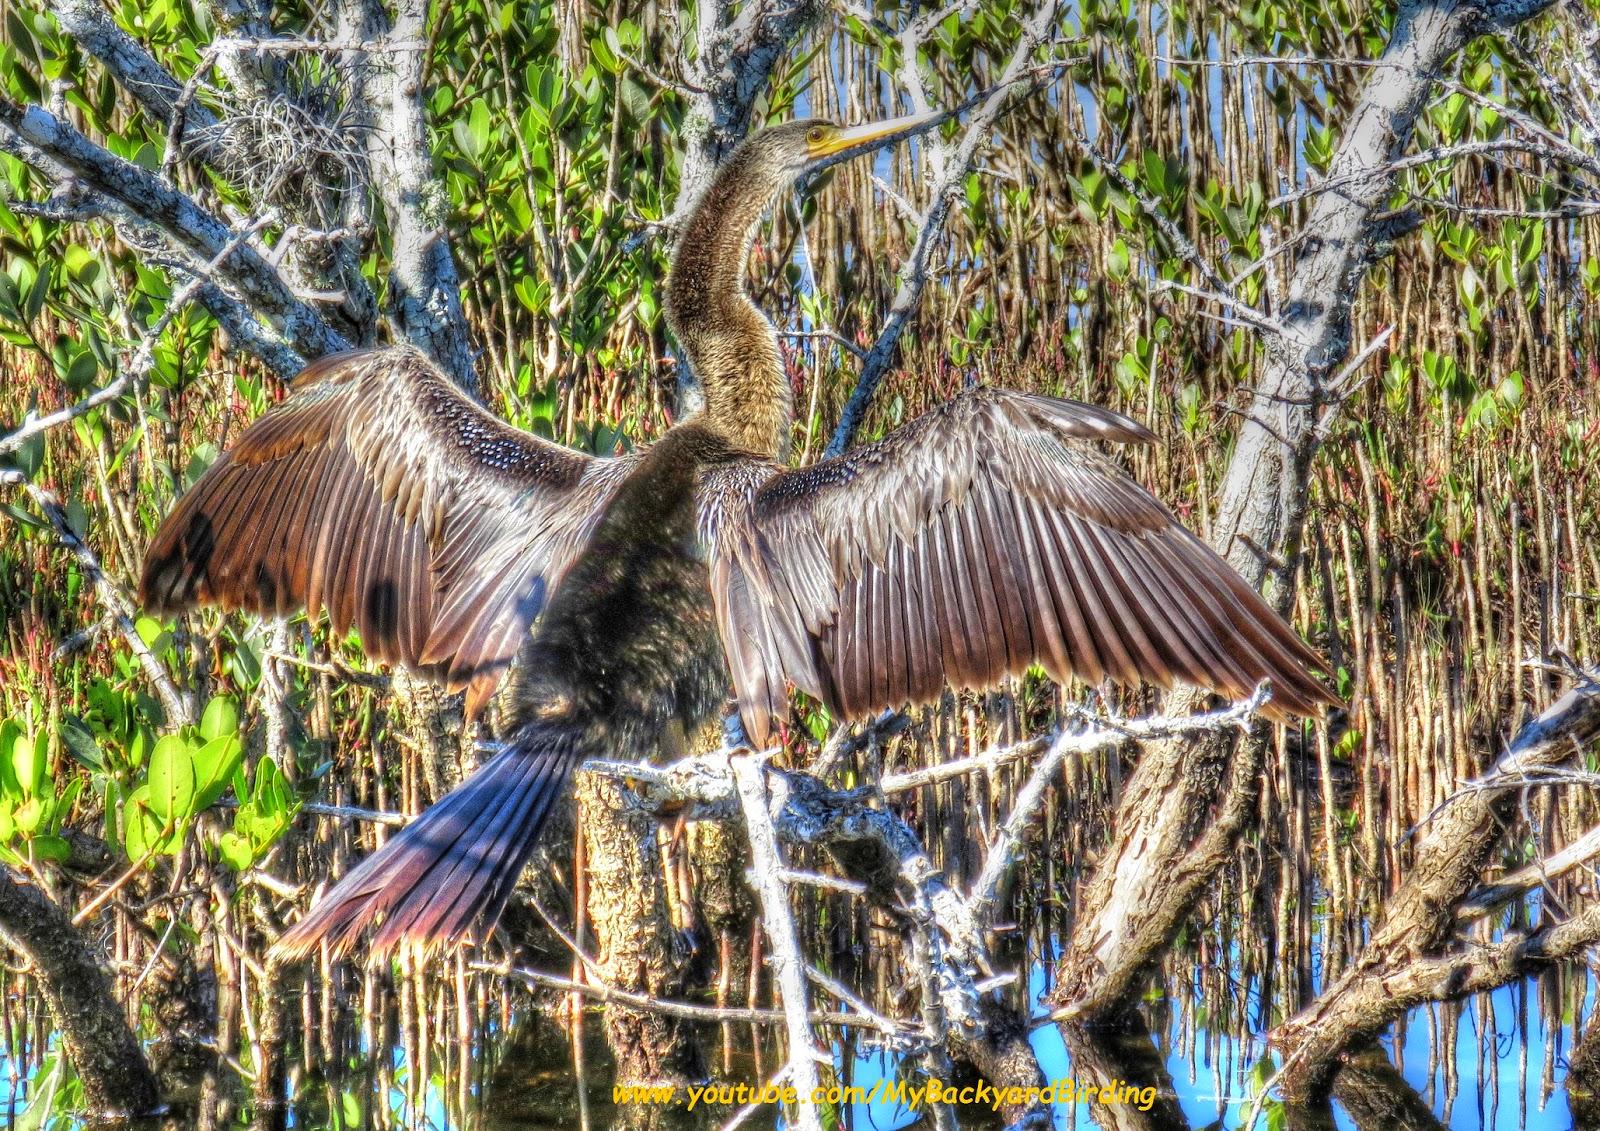 backyard birding and nature anhinga merritt island national